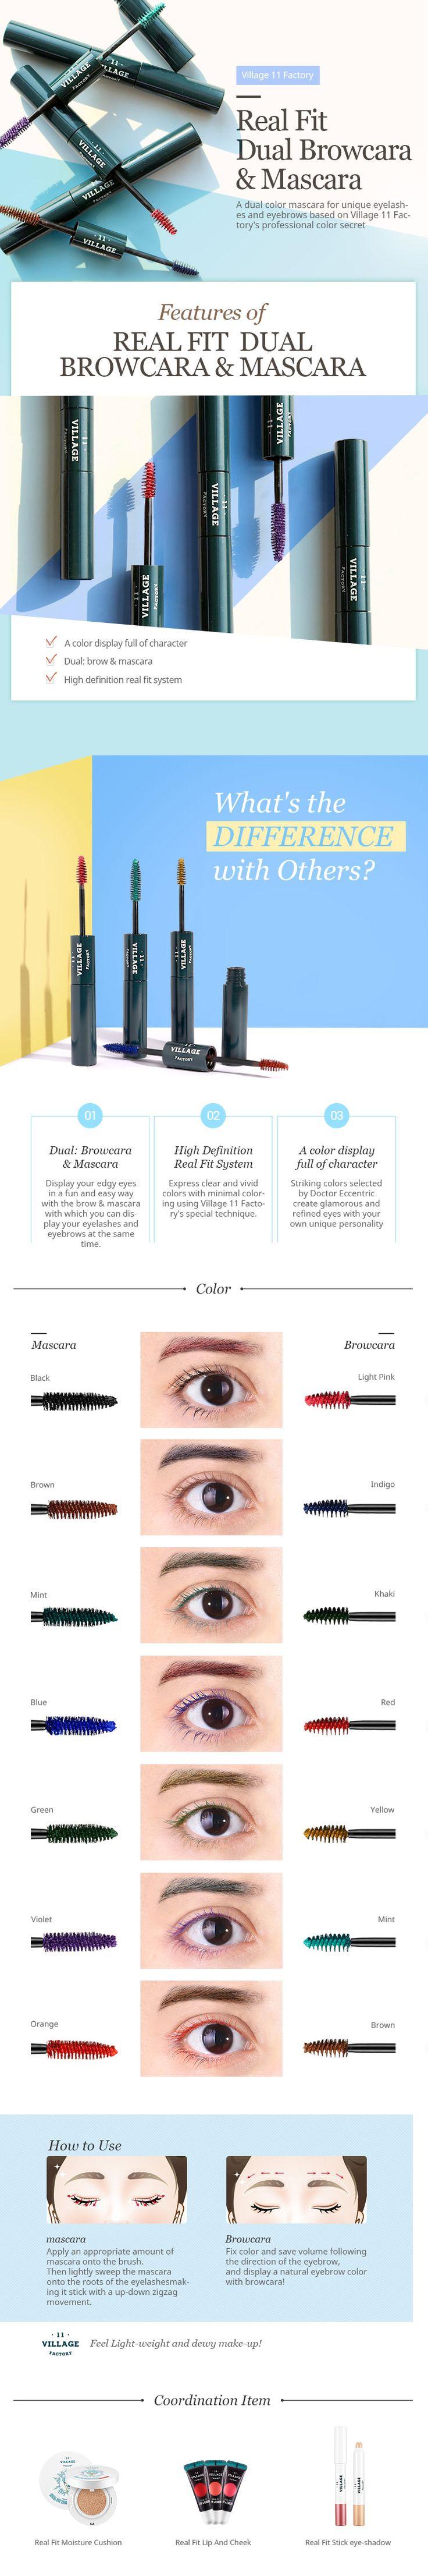 Divertidos colores para cejas y pestañas! Nueva tendencia de la cosmetica coreana~ ANIMATE a dar un look sensacional a tu mirada ^^ #cosmeticacoreana #maquillaje